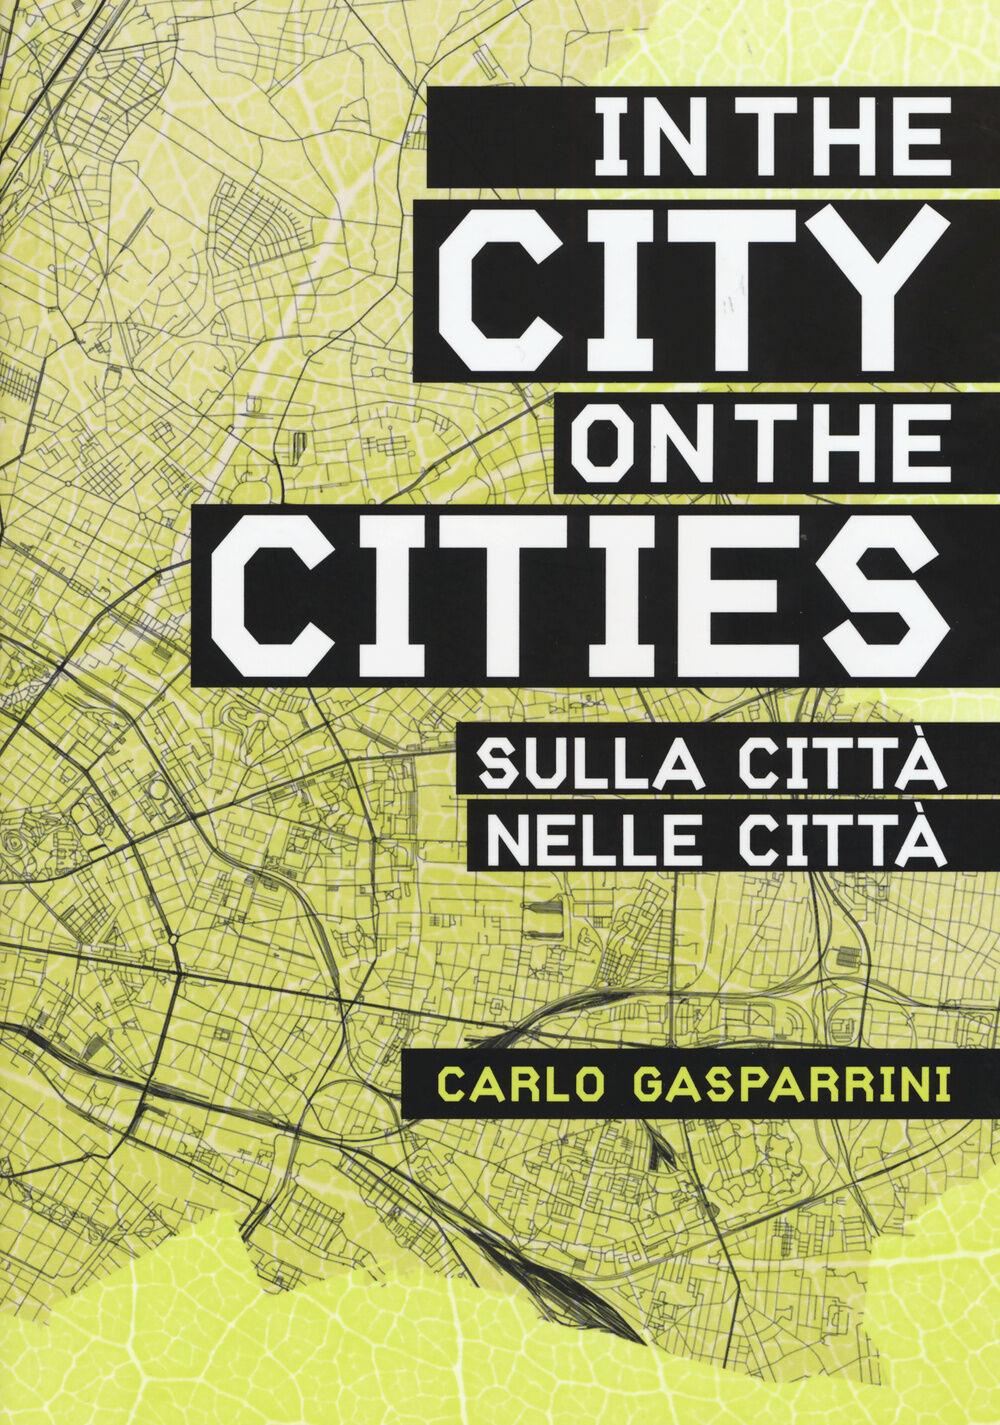 Nella città, sulla città-In the city, on the cities